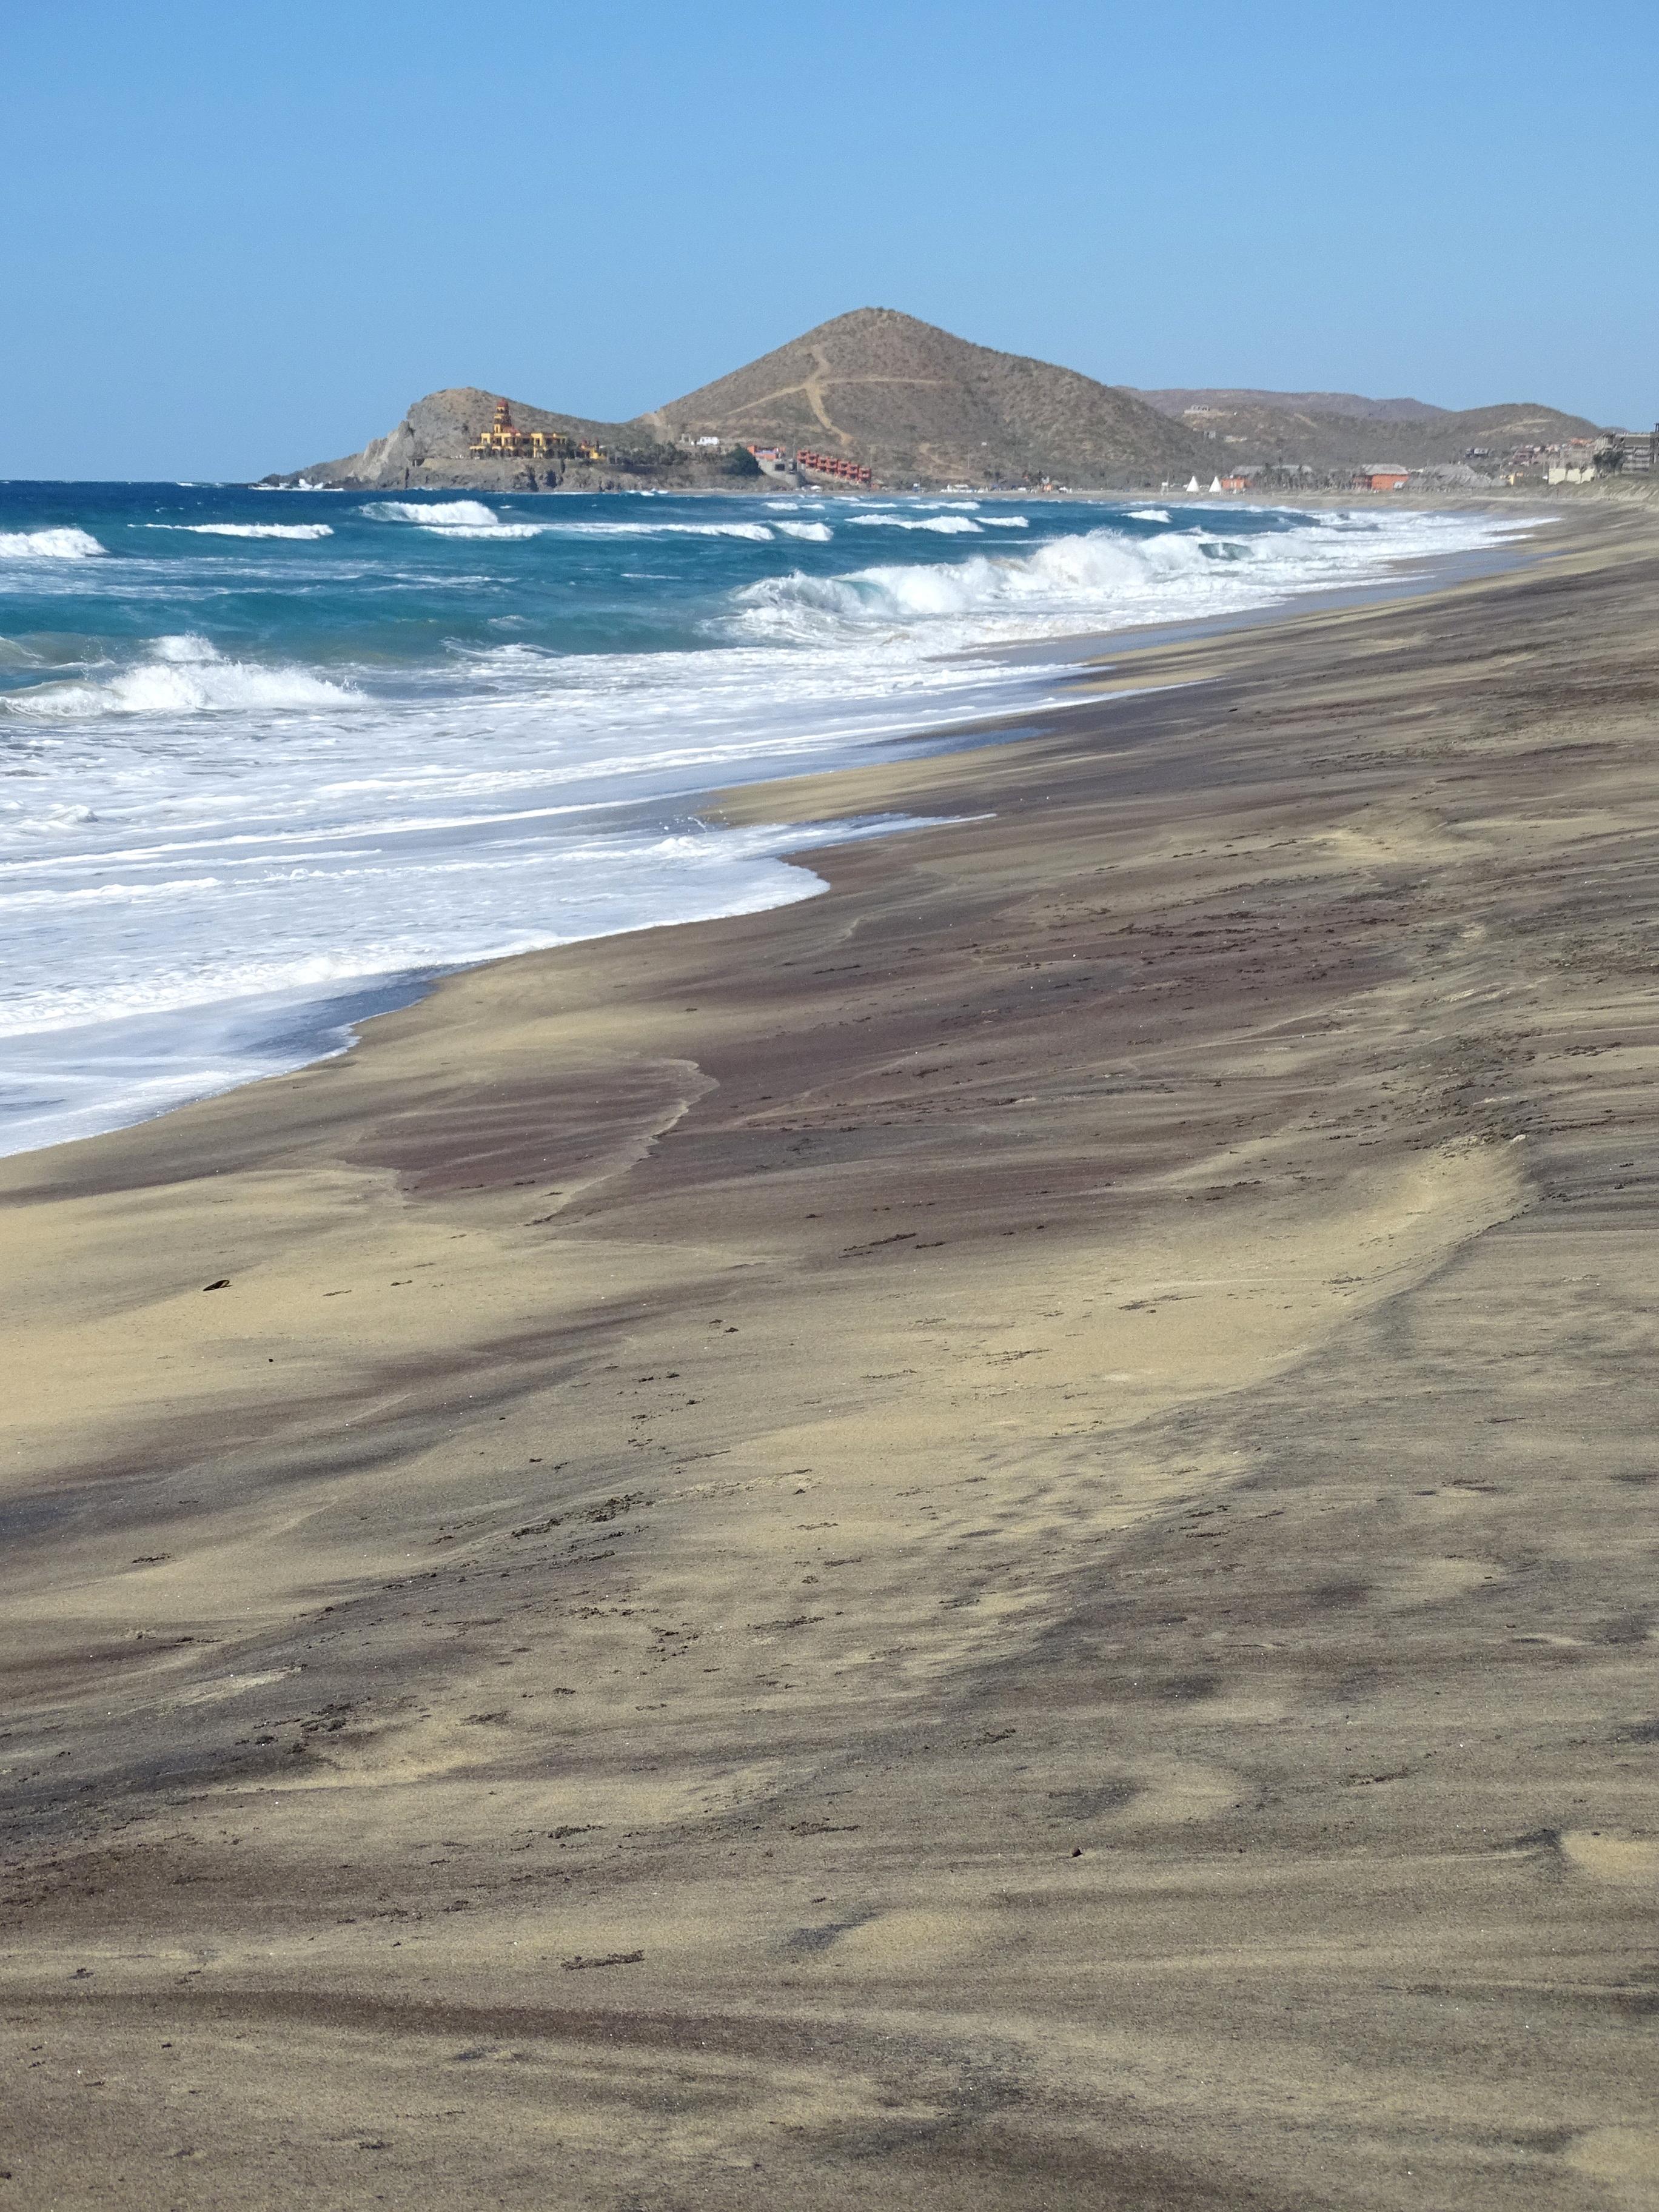 File Cerritos Beach Near Todos Santos Baja California Sur Mexico 06